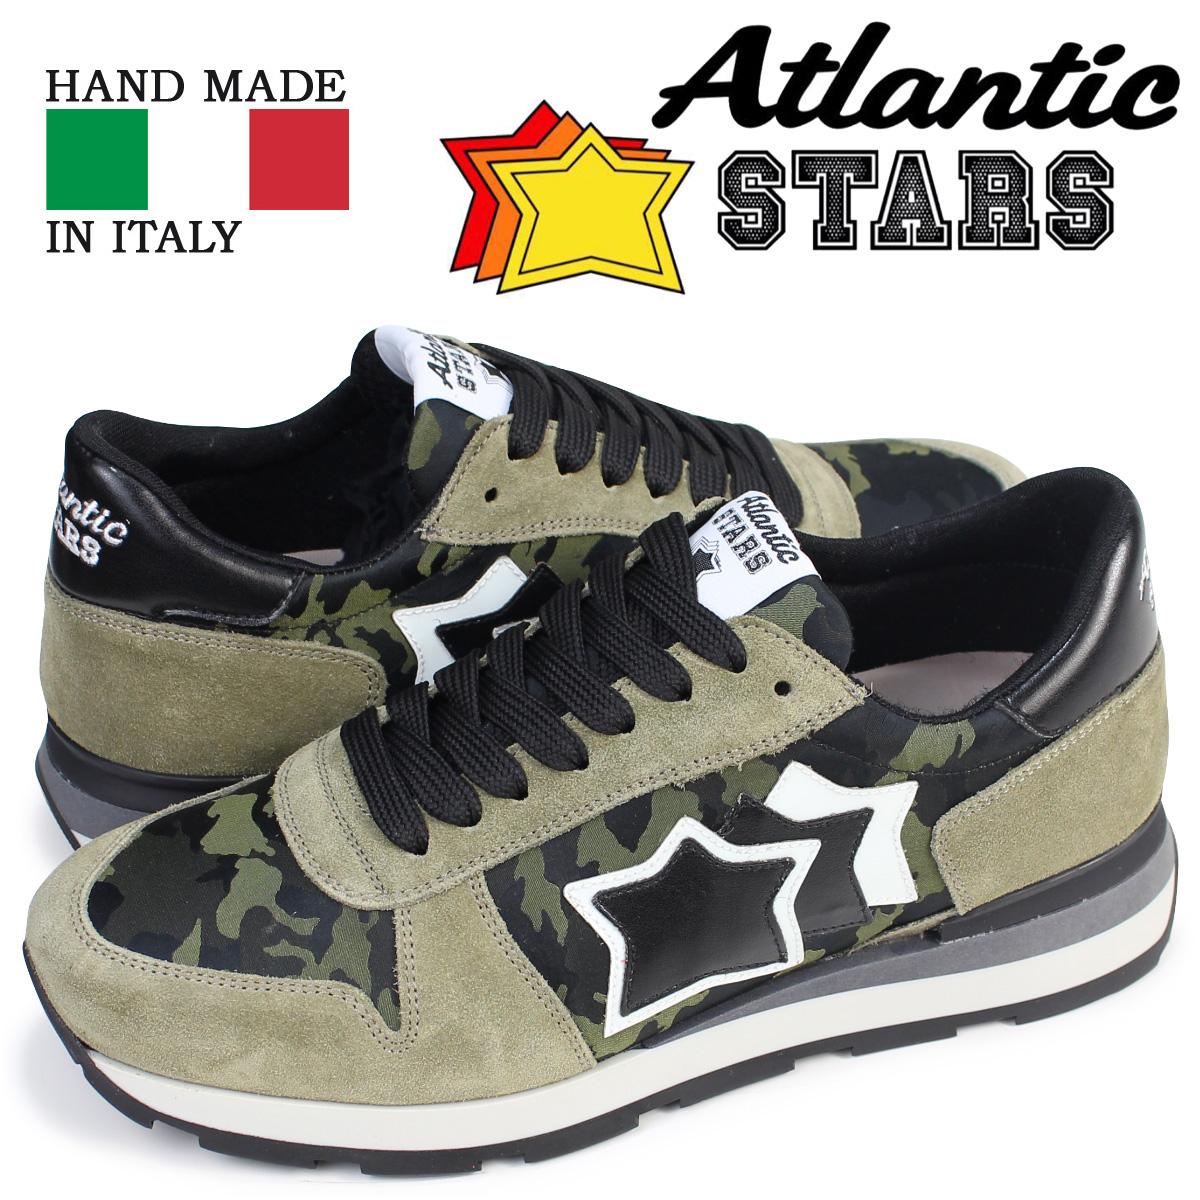 Atlantic STARS SIRIUS メンズ スニーカー アトランティックスターズ シリウス TM3 81N 靴 カモ [予約商品 4/5頃入荷予定 再入荷]